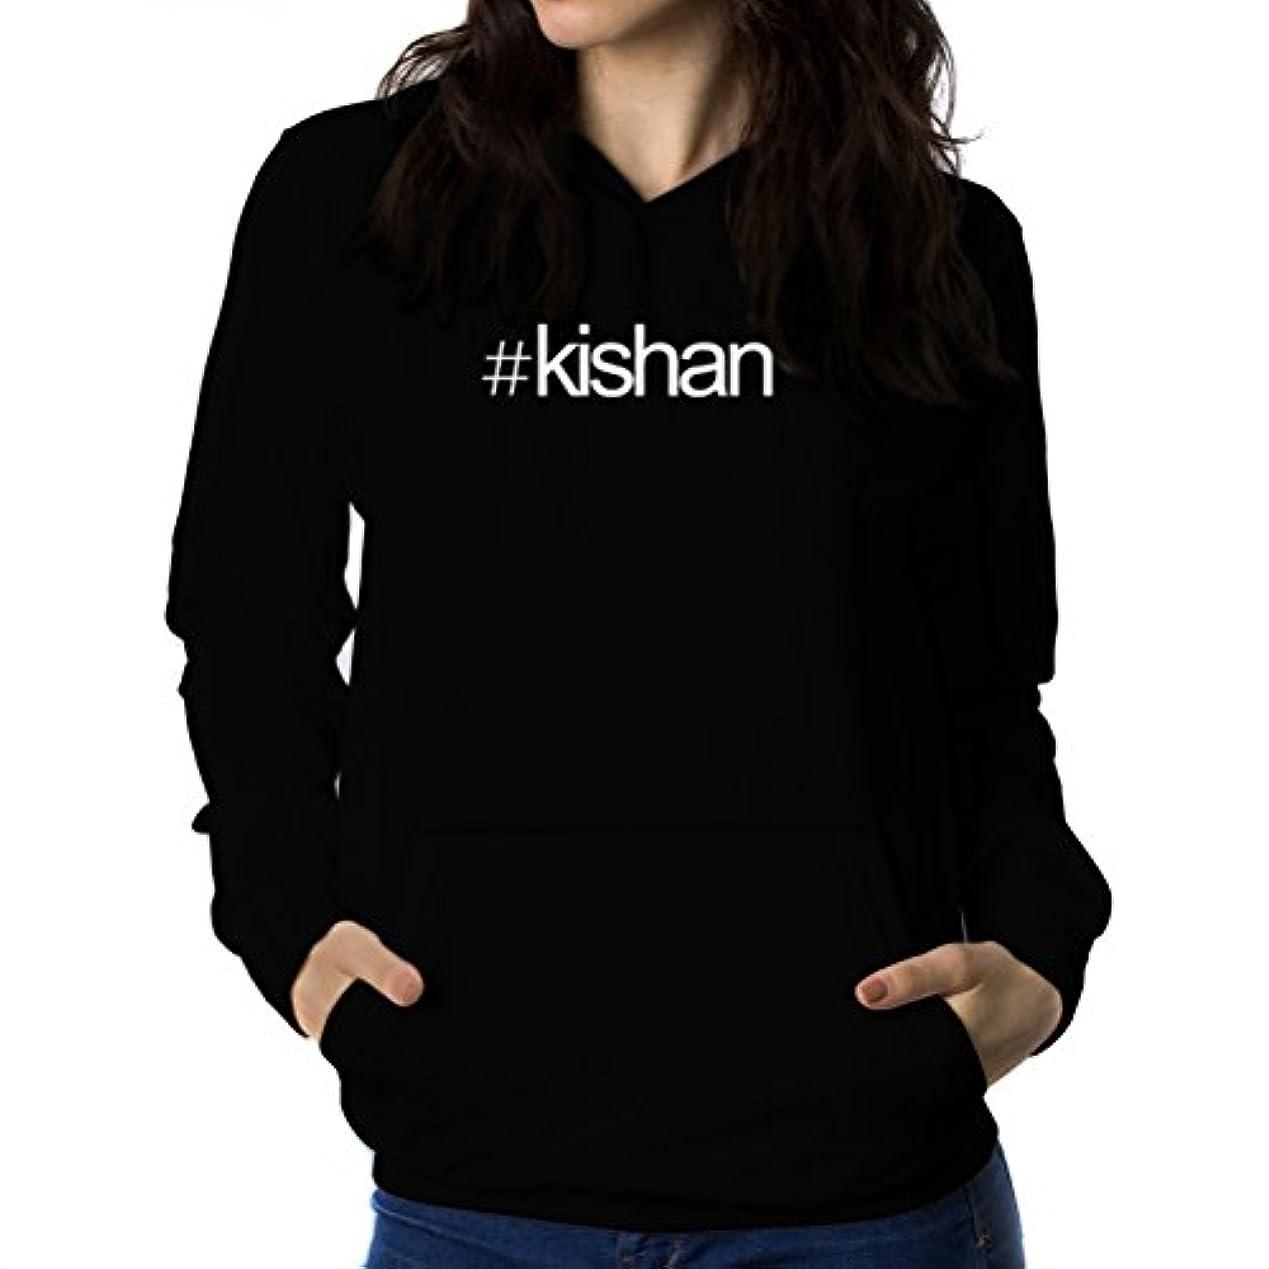 家禽ジェット航空会社Hashtag Kishan 女性 フーディー